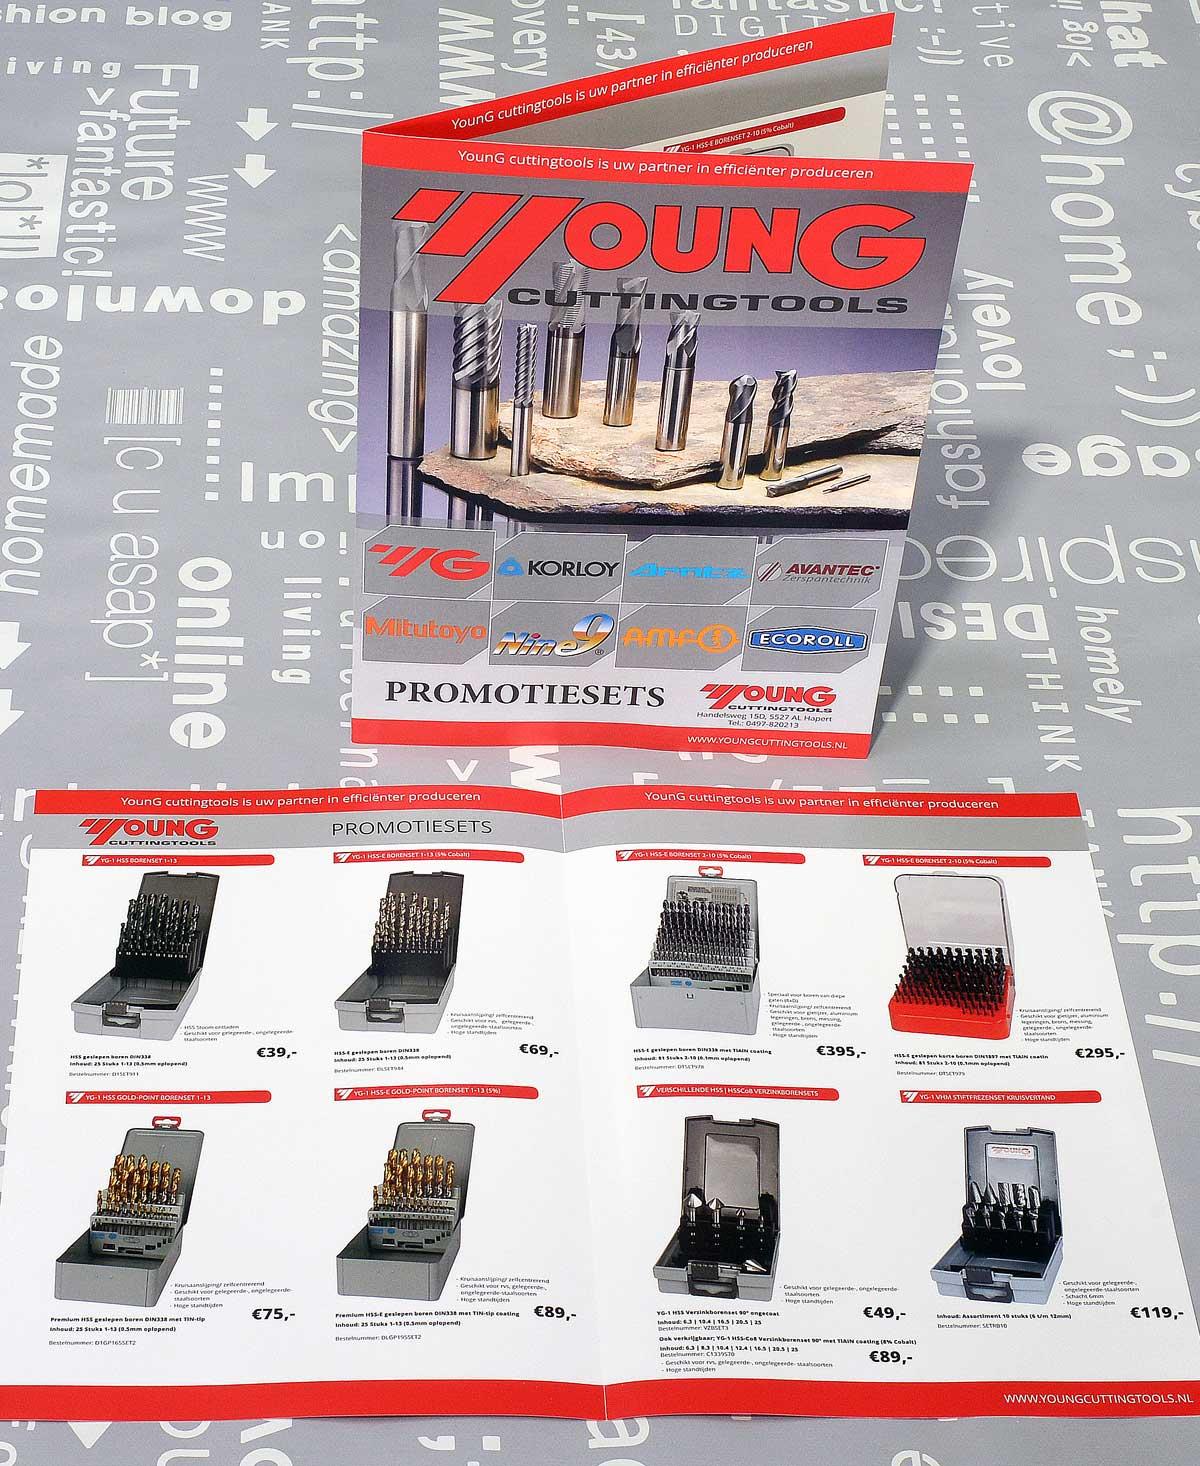 Young Cuttingtool, opmaak, realisatie, reclame, ontwerp, grafische vormgeving, DTP, reclame-uiting, brochure, portfolio